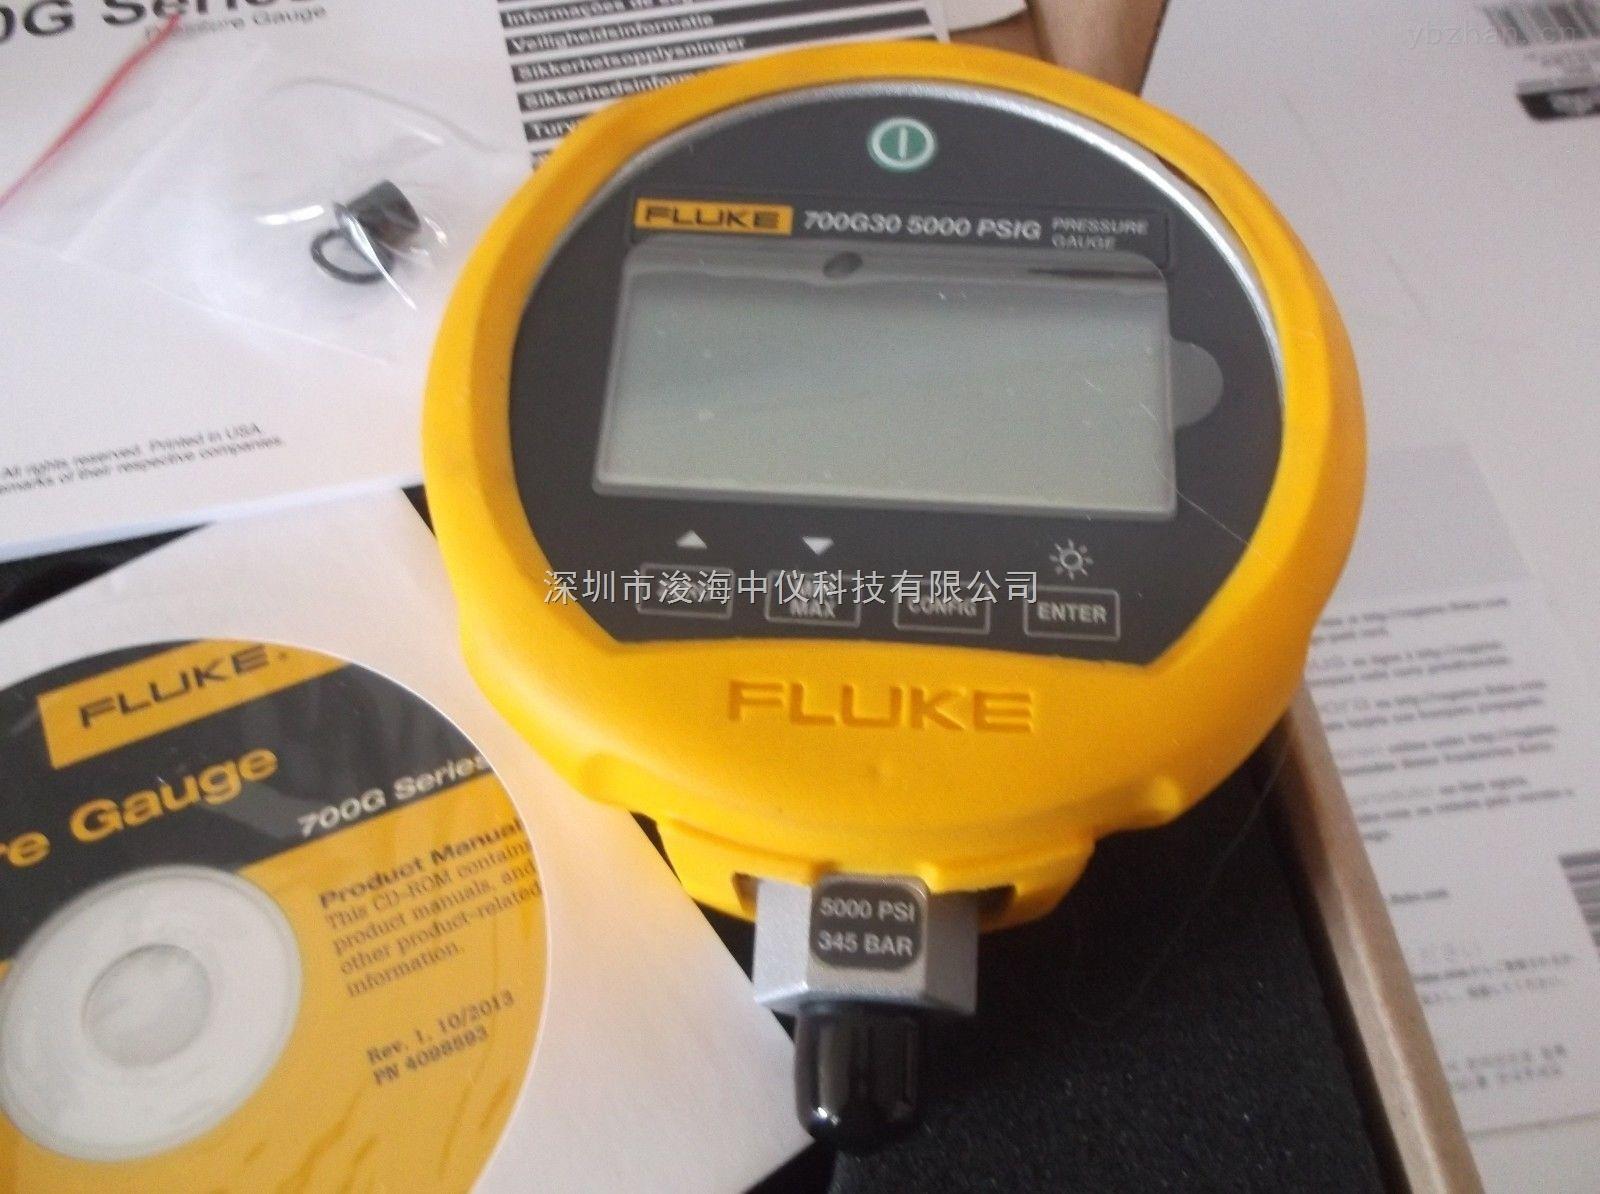 Fluke 700G31 压力校验仪